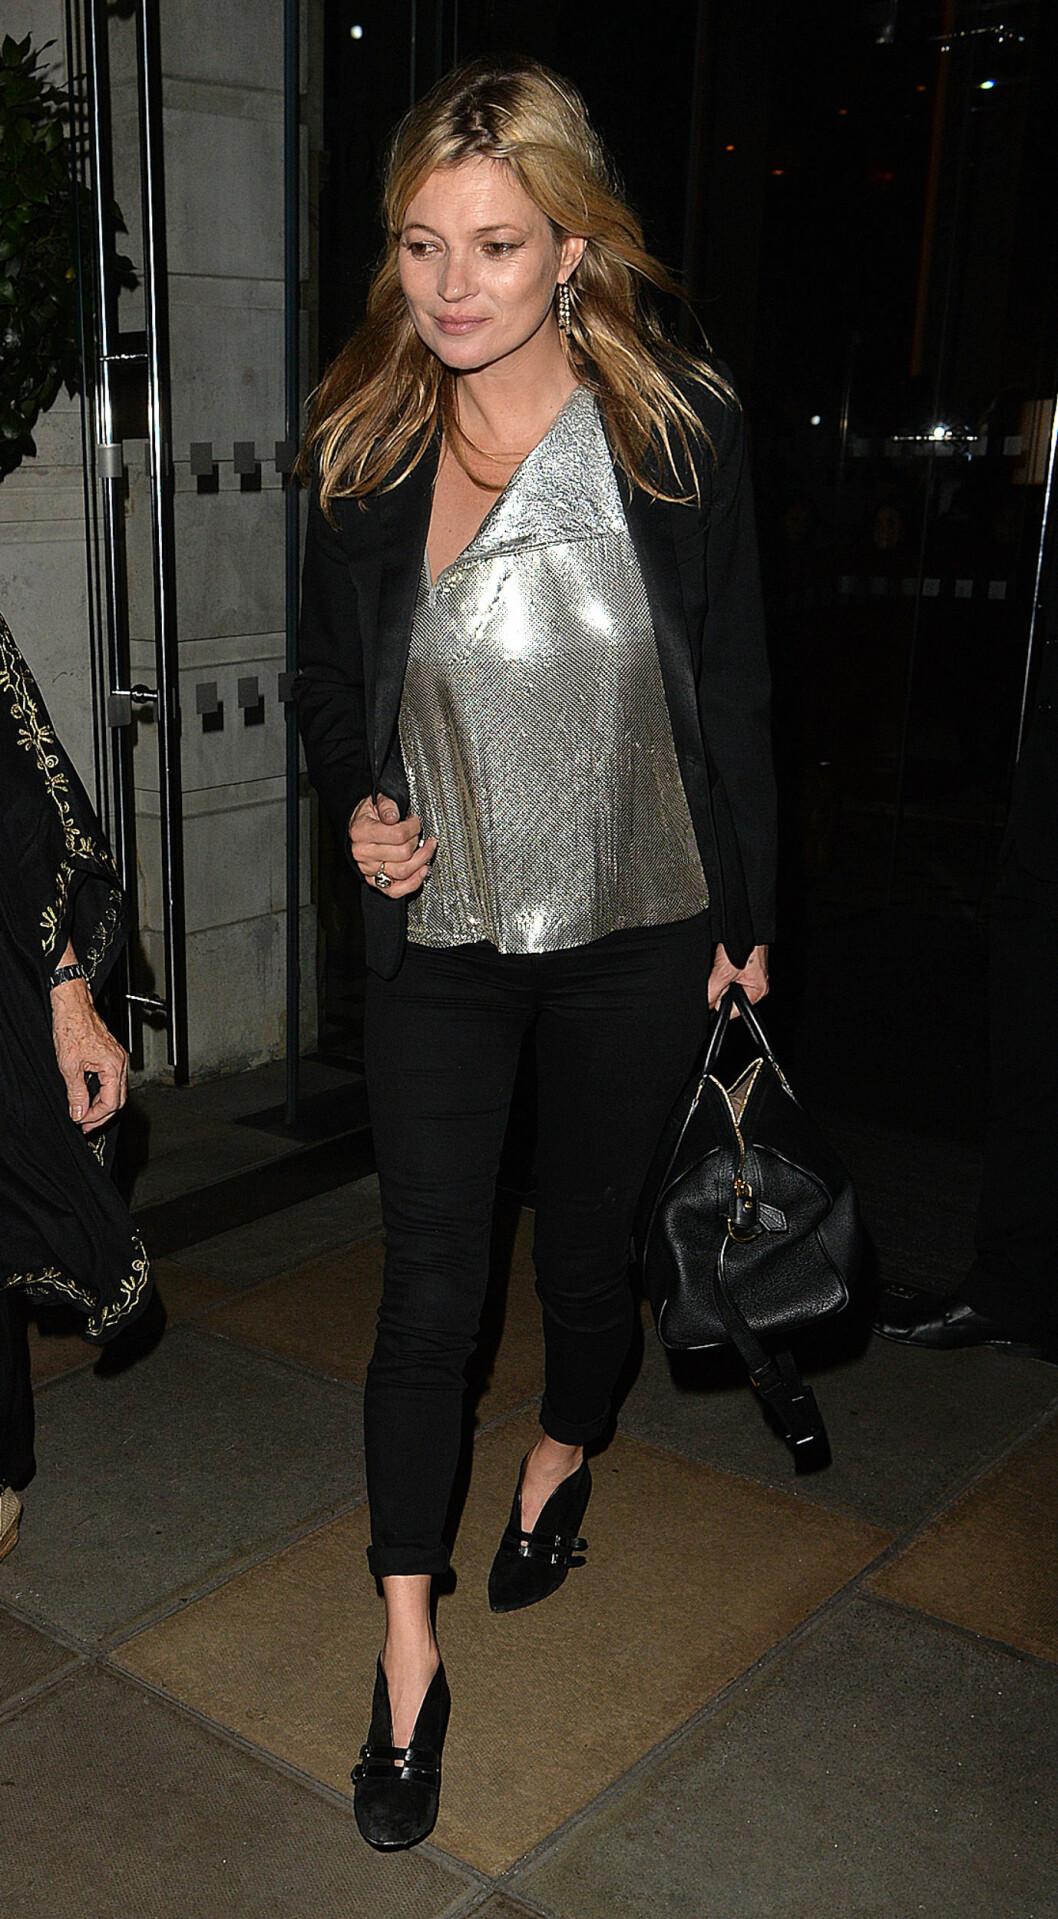 SUPERMODELL: Modell og stilikon Kate Moss var også blant gjestene på Cavalli-festen, men hun lot seg fotografere uten maske.  Foto: Splash News